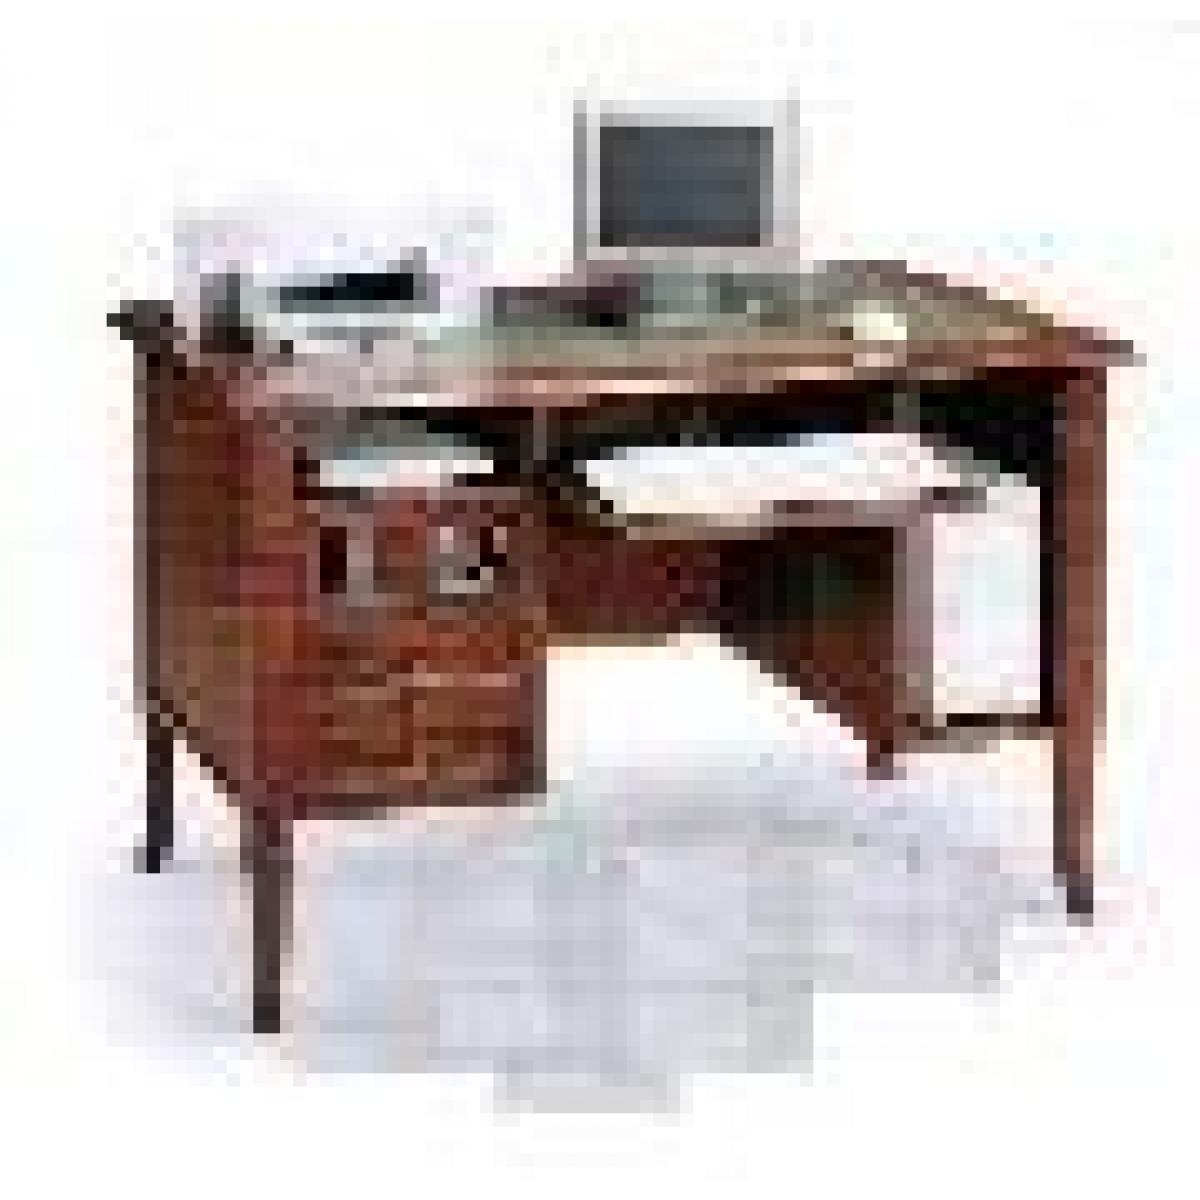 Mobili per ufficio scrivania 2c for Mobili ufficio scrivania